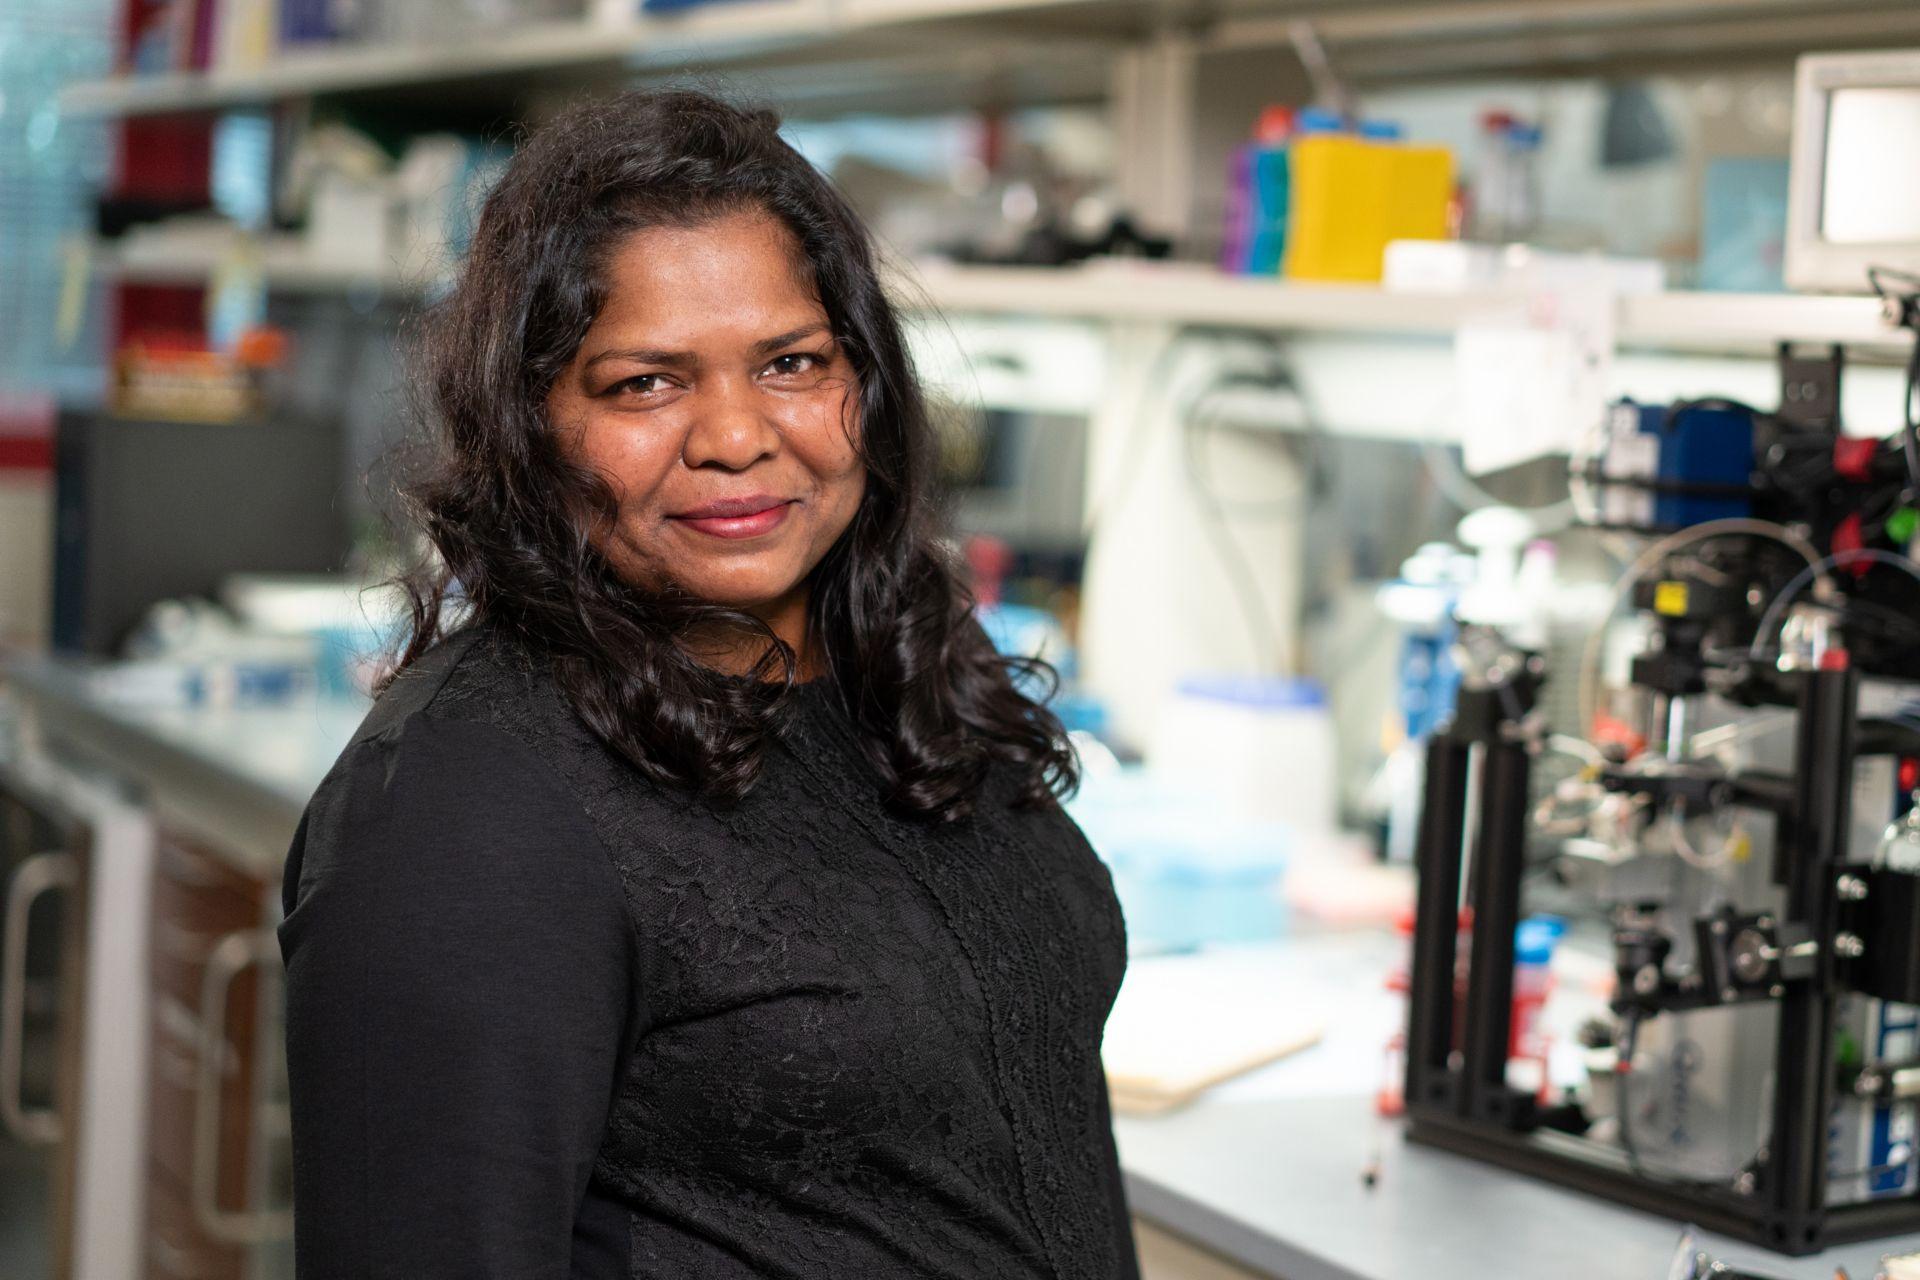 Kundhavai Natchiar, PhD